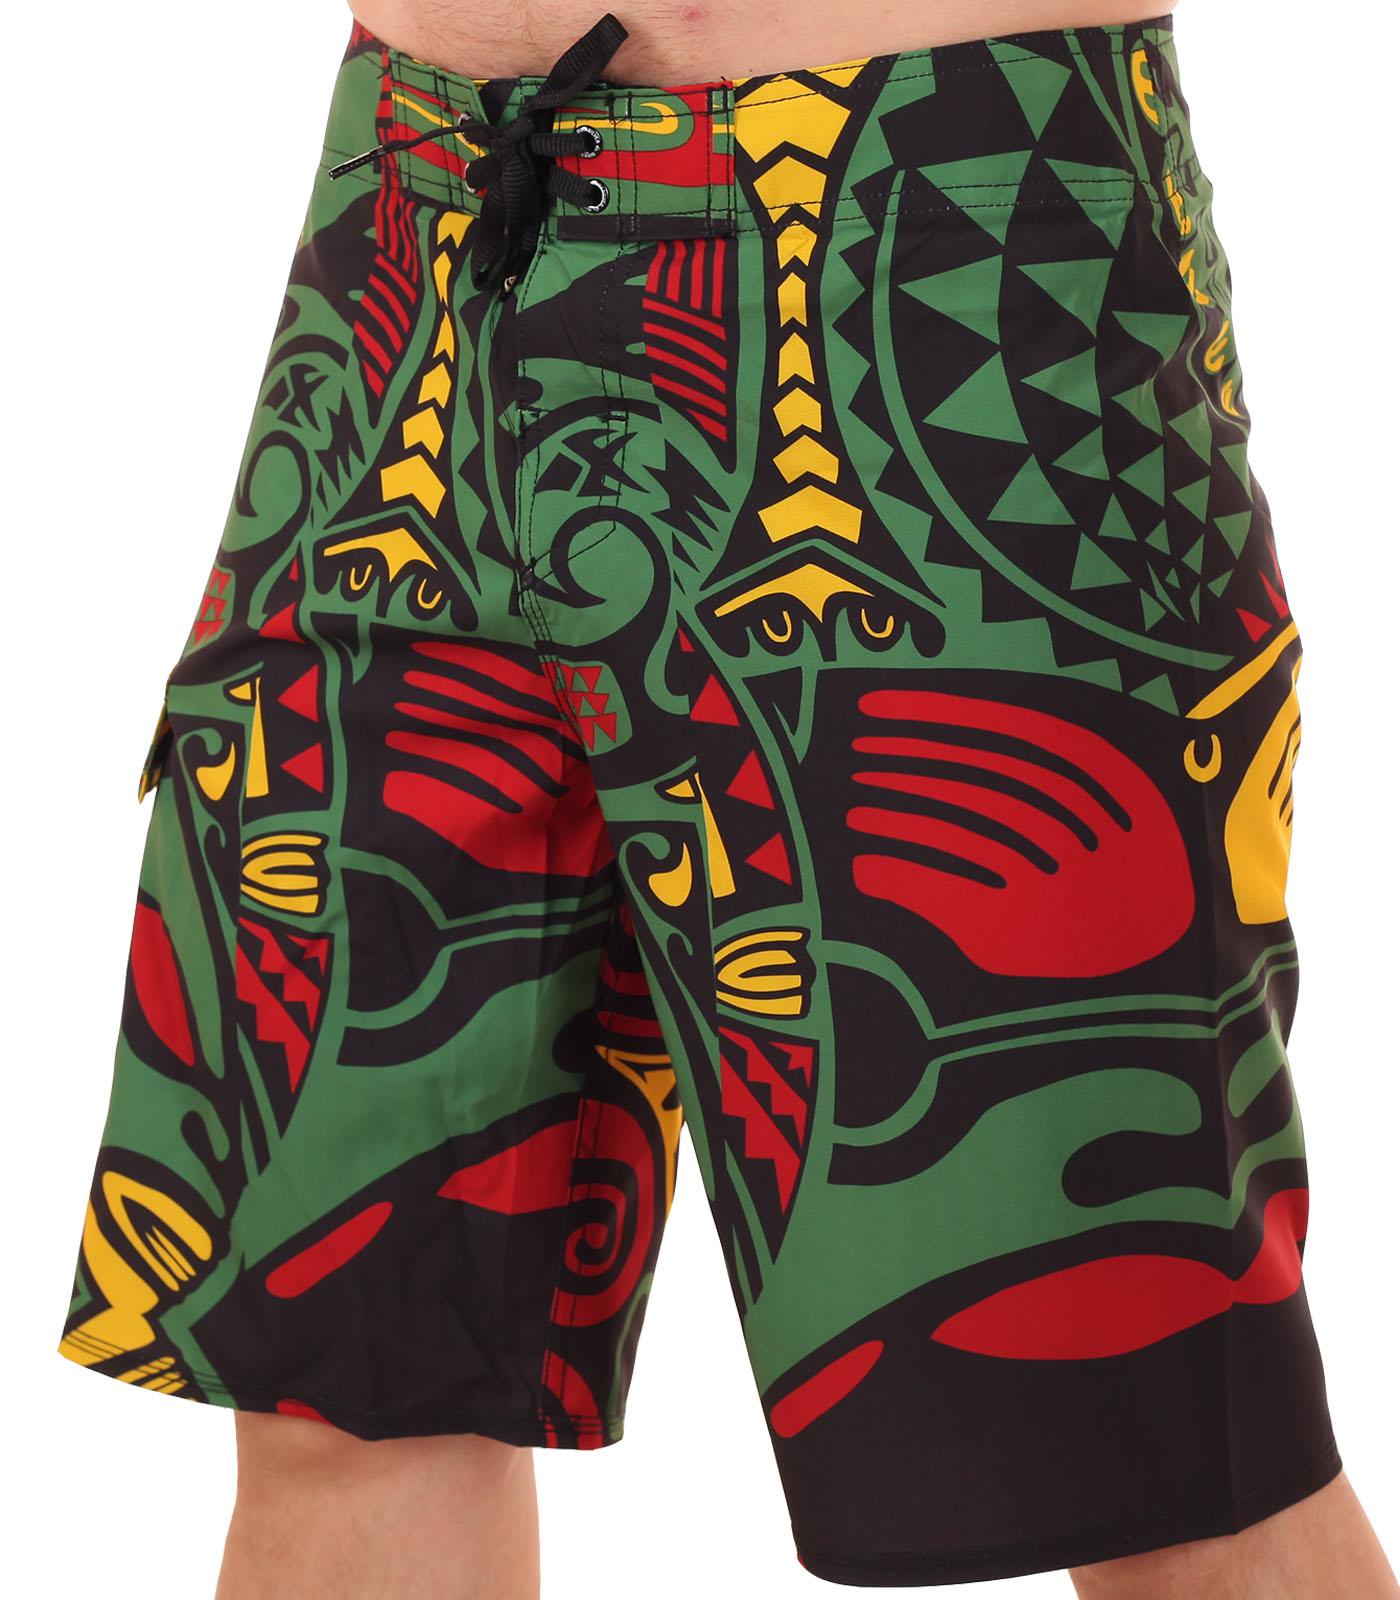 Магазины одежды в Перми дают возможность купить вещи, которые должны быть в  гардеробе каждой модницы – классические блузки или рубашки, юбки и жакеты,  ... b0ead8d436c